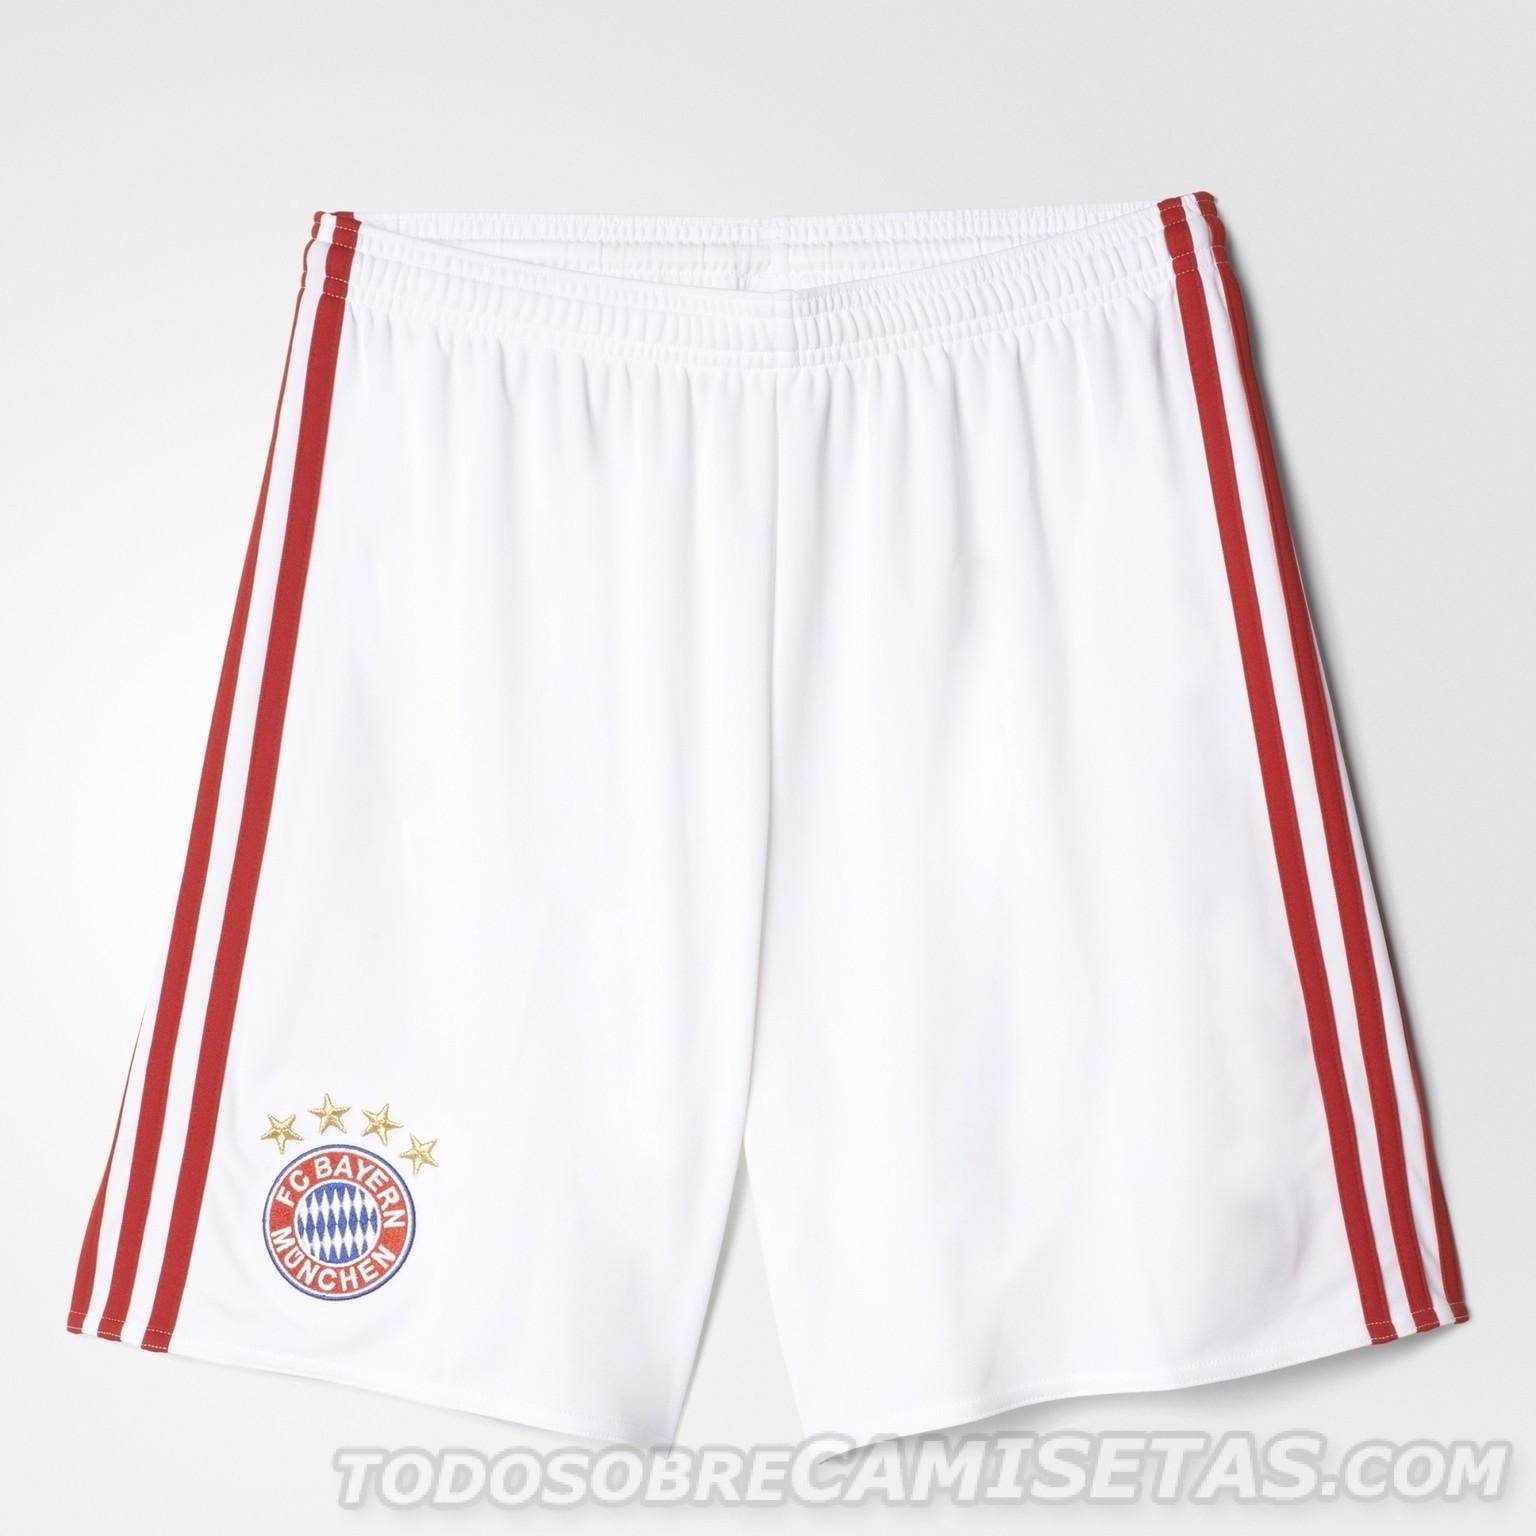 Bayern-Munich-2016-17-adidas-new-home-kit-8.jpg